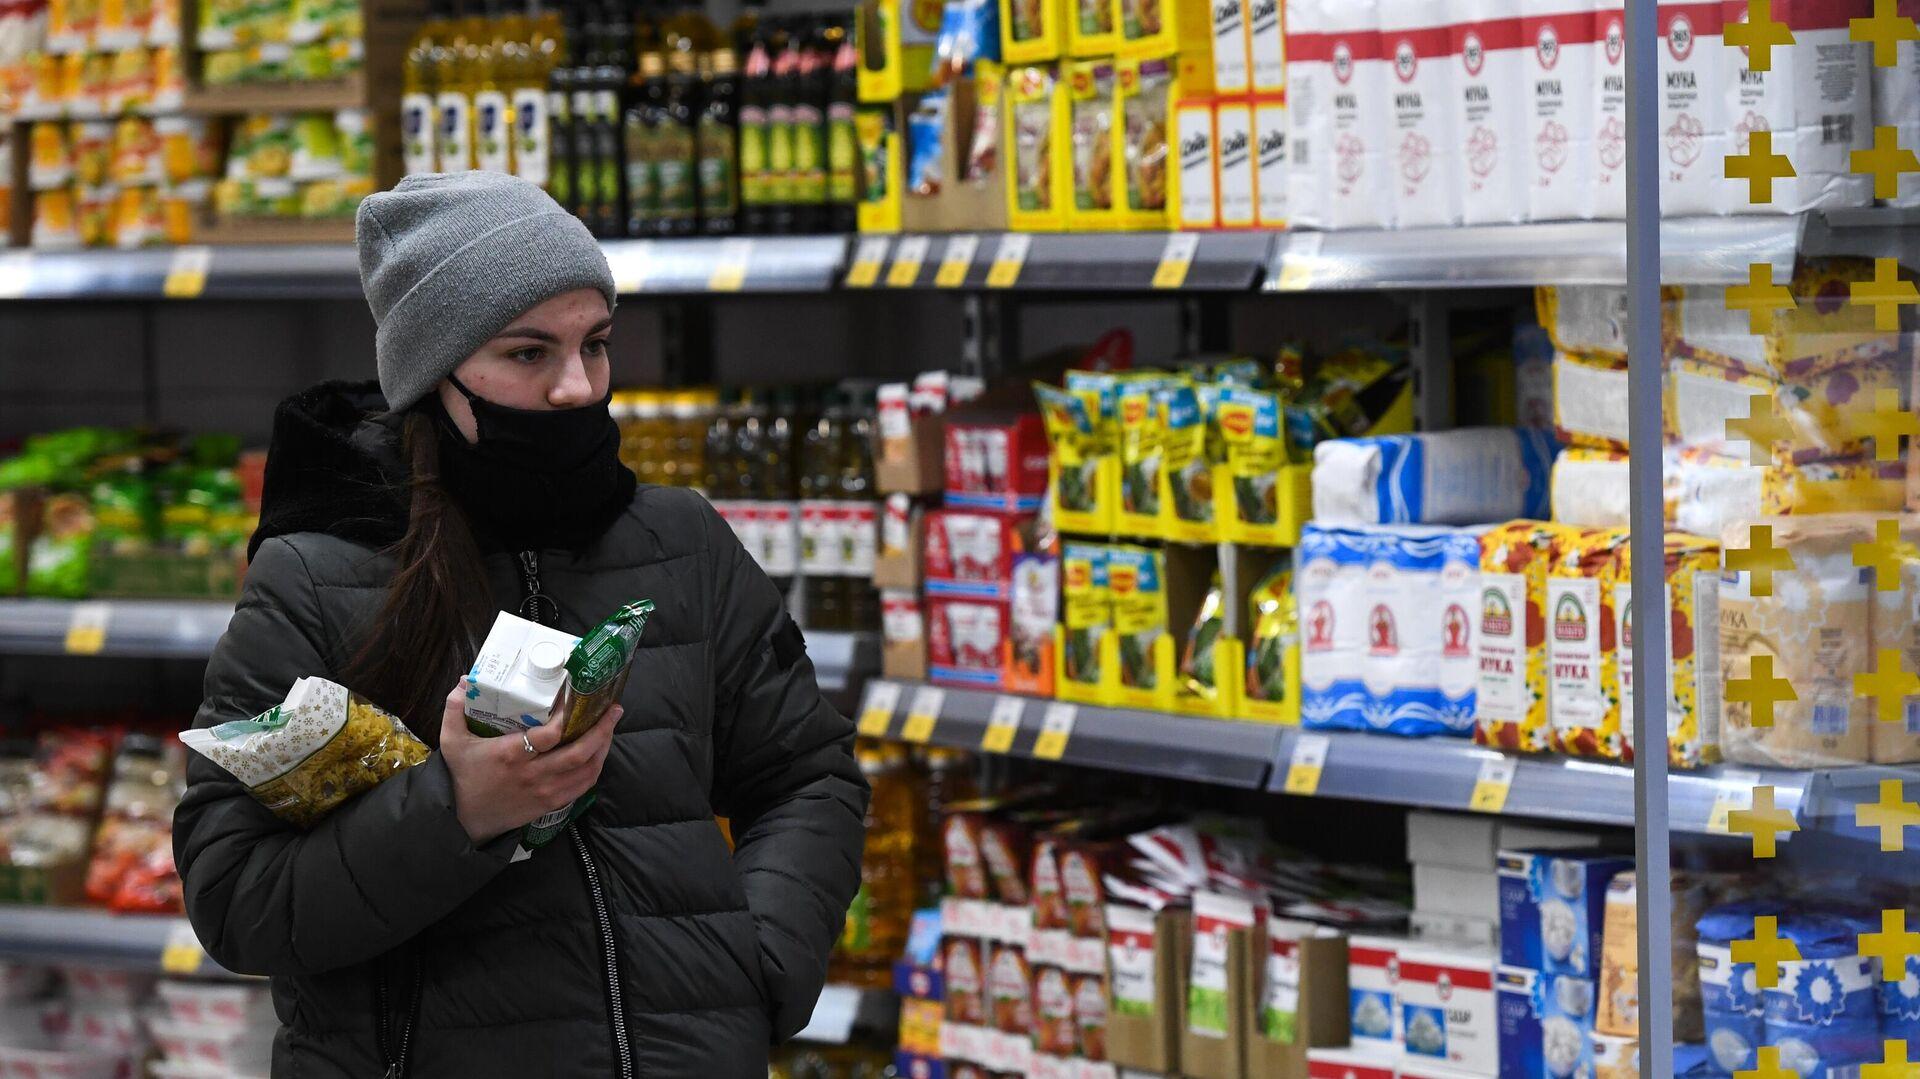 Минсельхоз оценил возможность резкого роста отпускных цен на продукты